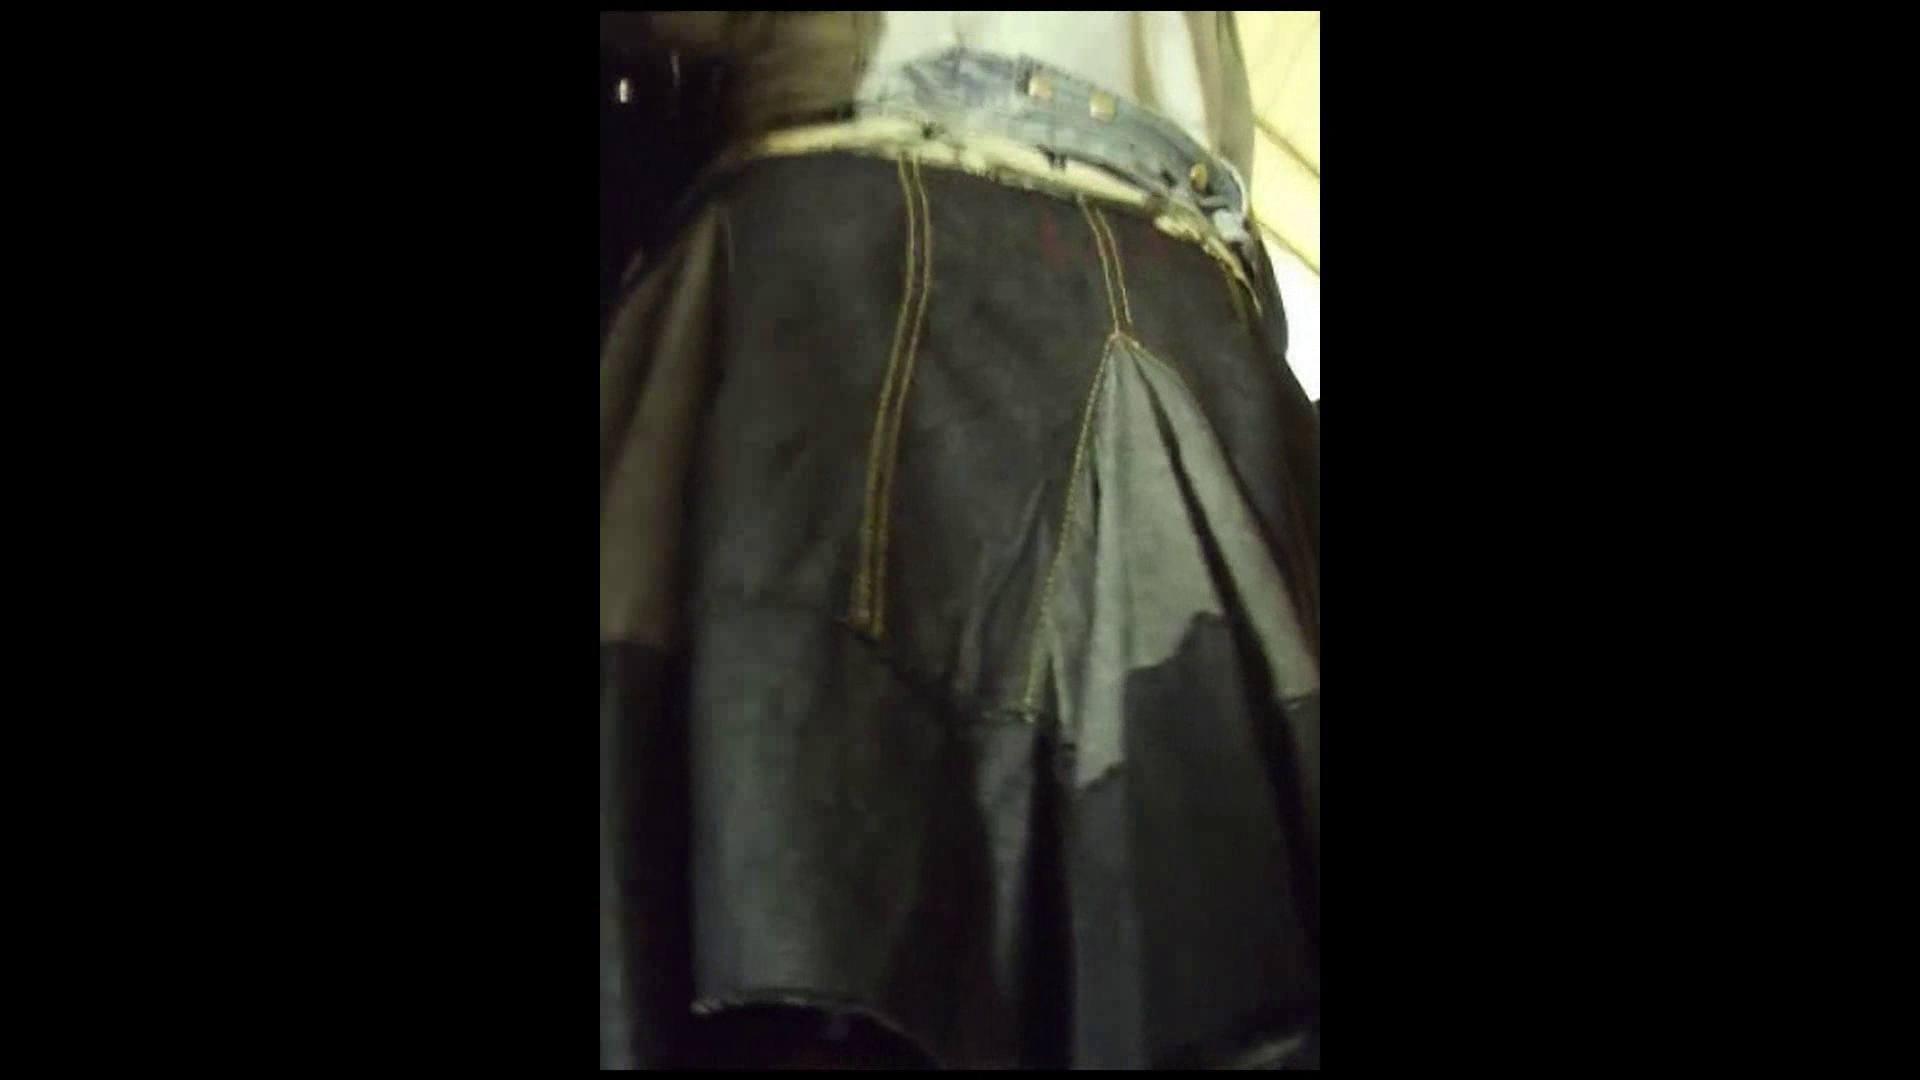 綺麗なモデルさんのスカート捲っちゃおう‼vol02 お姉さん エロ画像 82連発 38